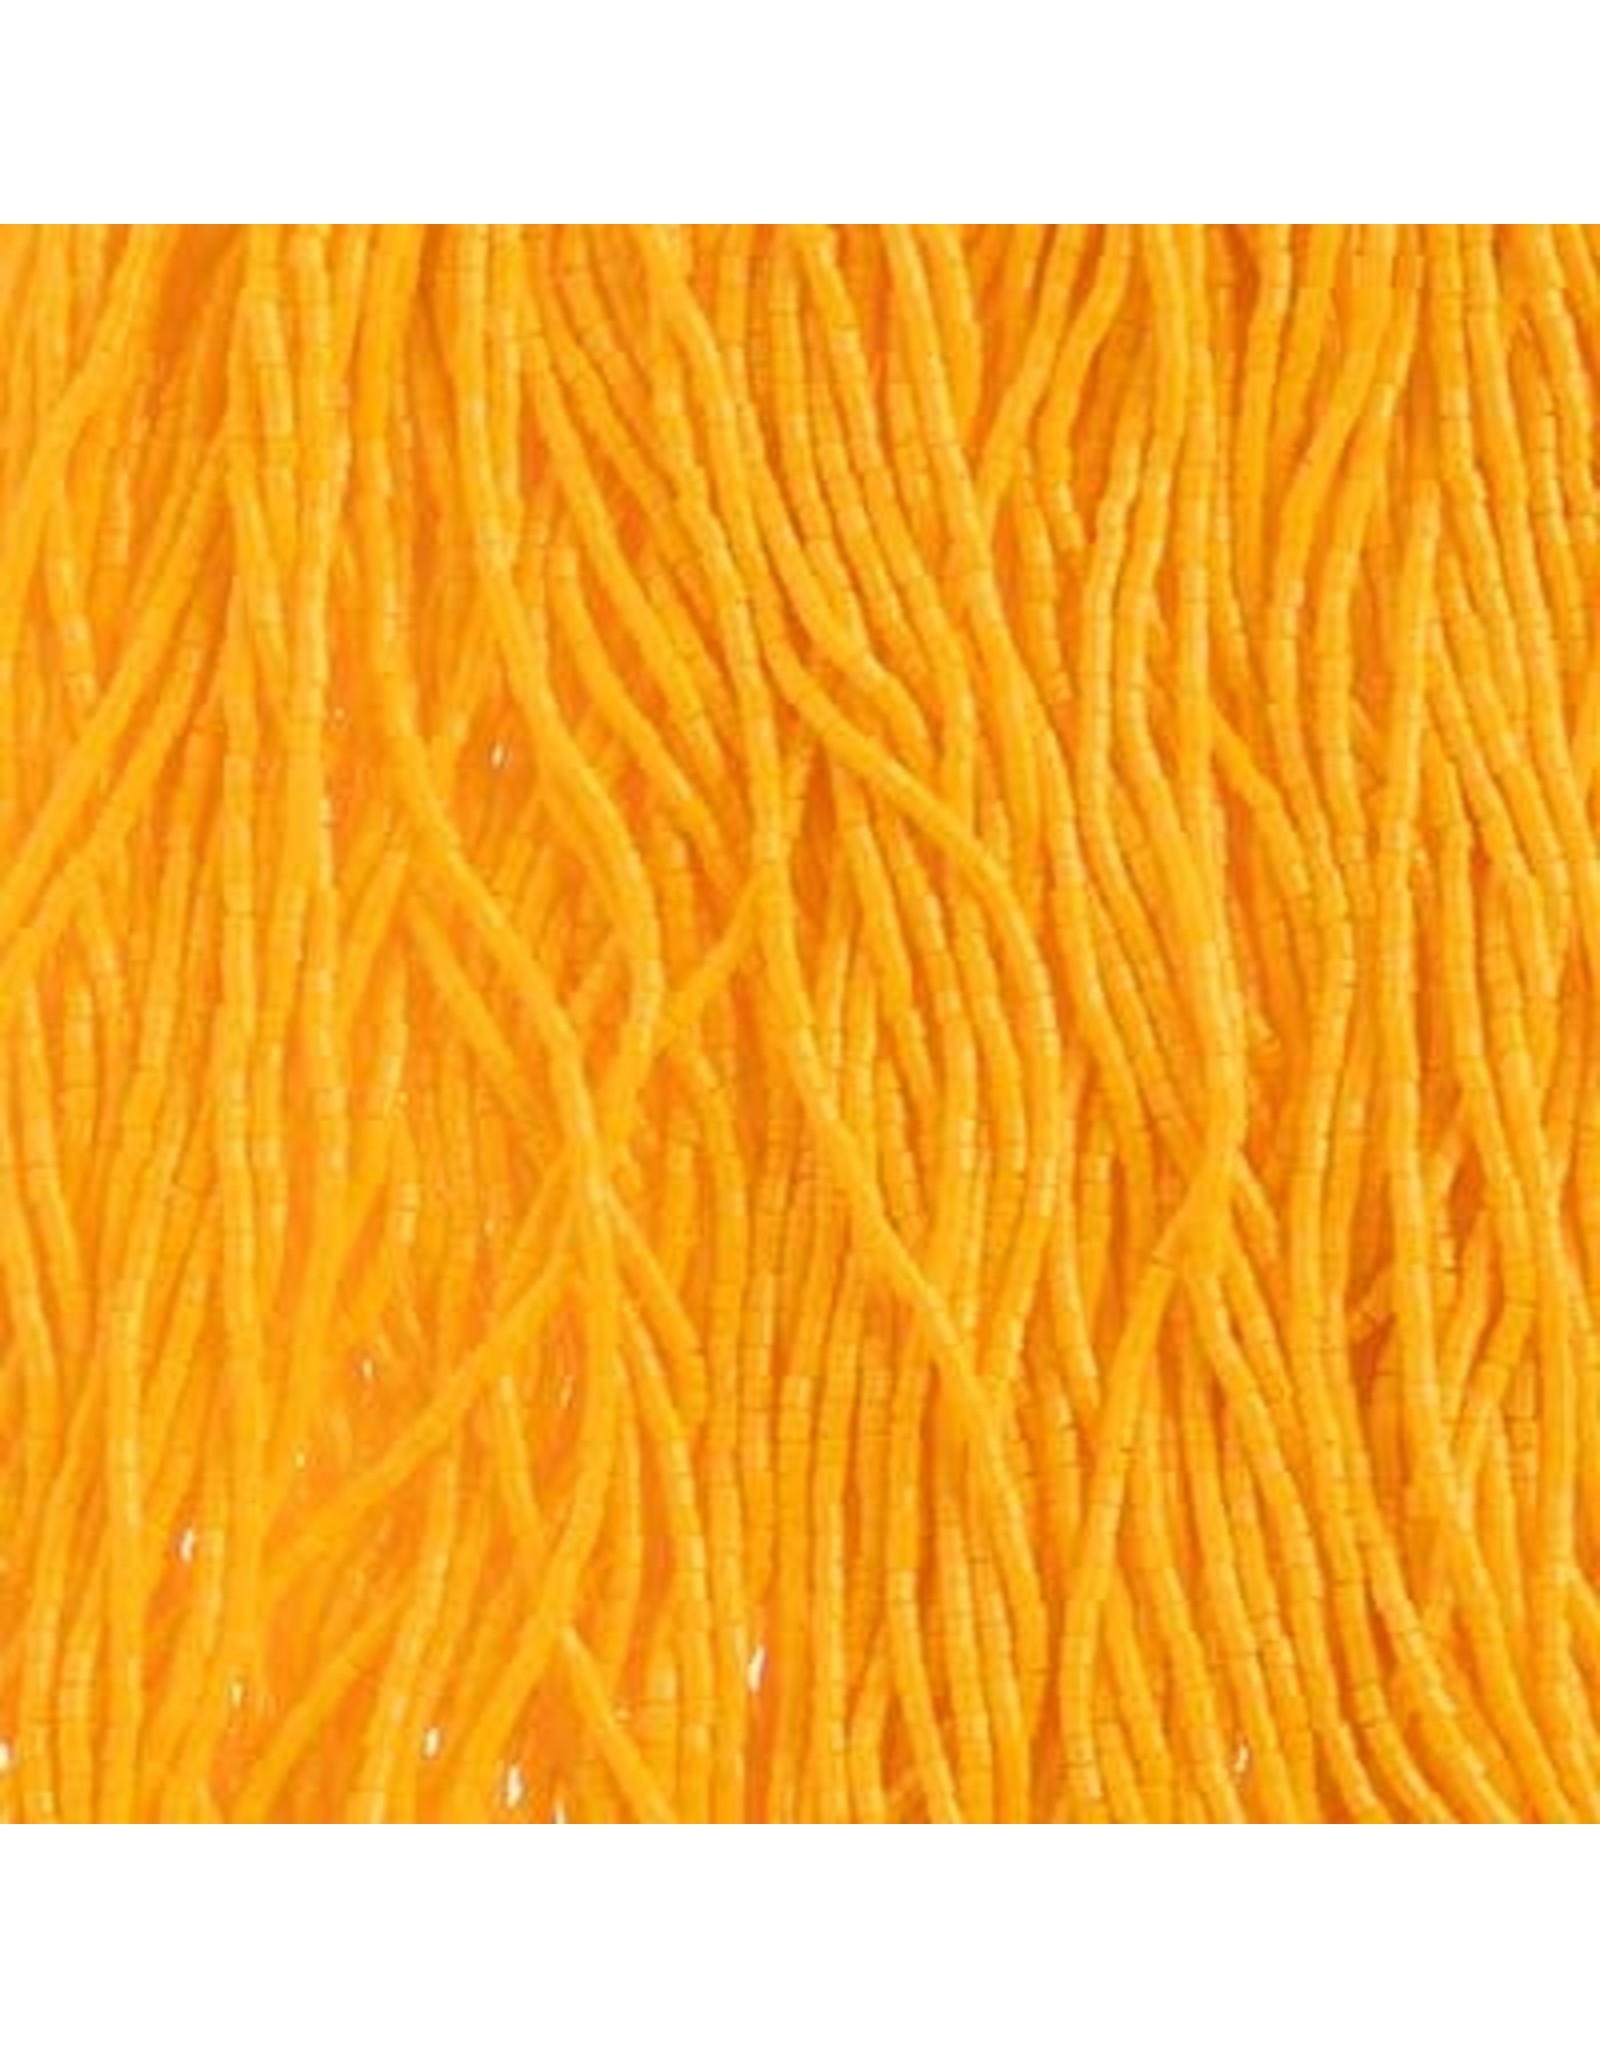 Czech 29359 10/0 2 Cut Seed Hank 20g  Opaque  Light Orange